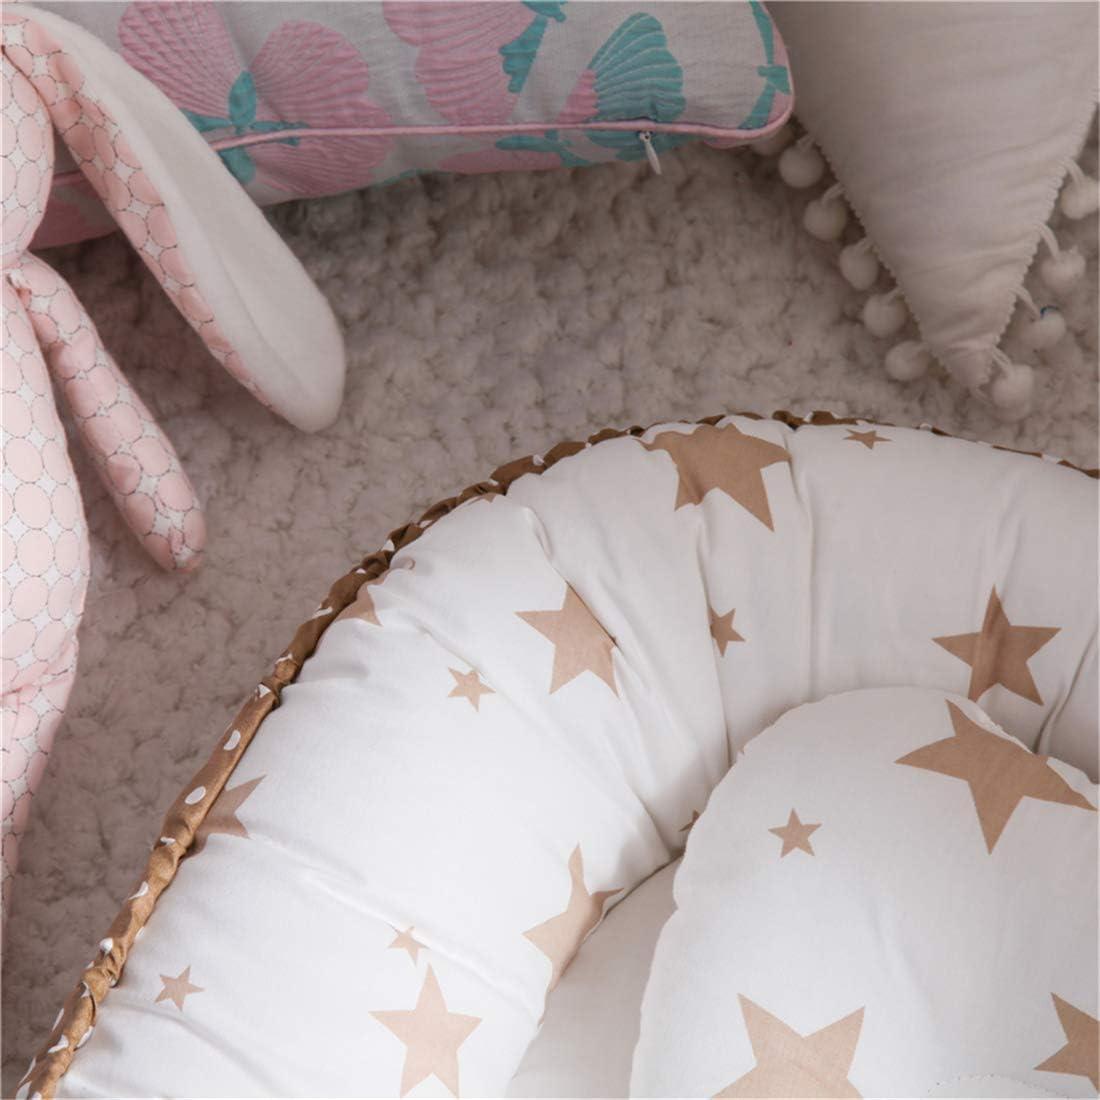 coussin R/éducteur De Lit Baby Pod Couronne grise Hayisugar Baby Nest Cocon Pour B/éb/é,Nid De B/éb/é super Doux Lavable Amovible Nid De Sommeil En Coton Pour Nouveau-N/é Et Nourrisson